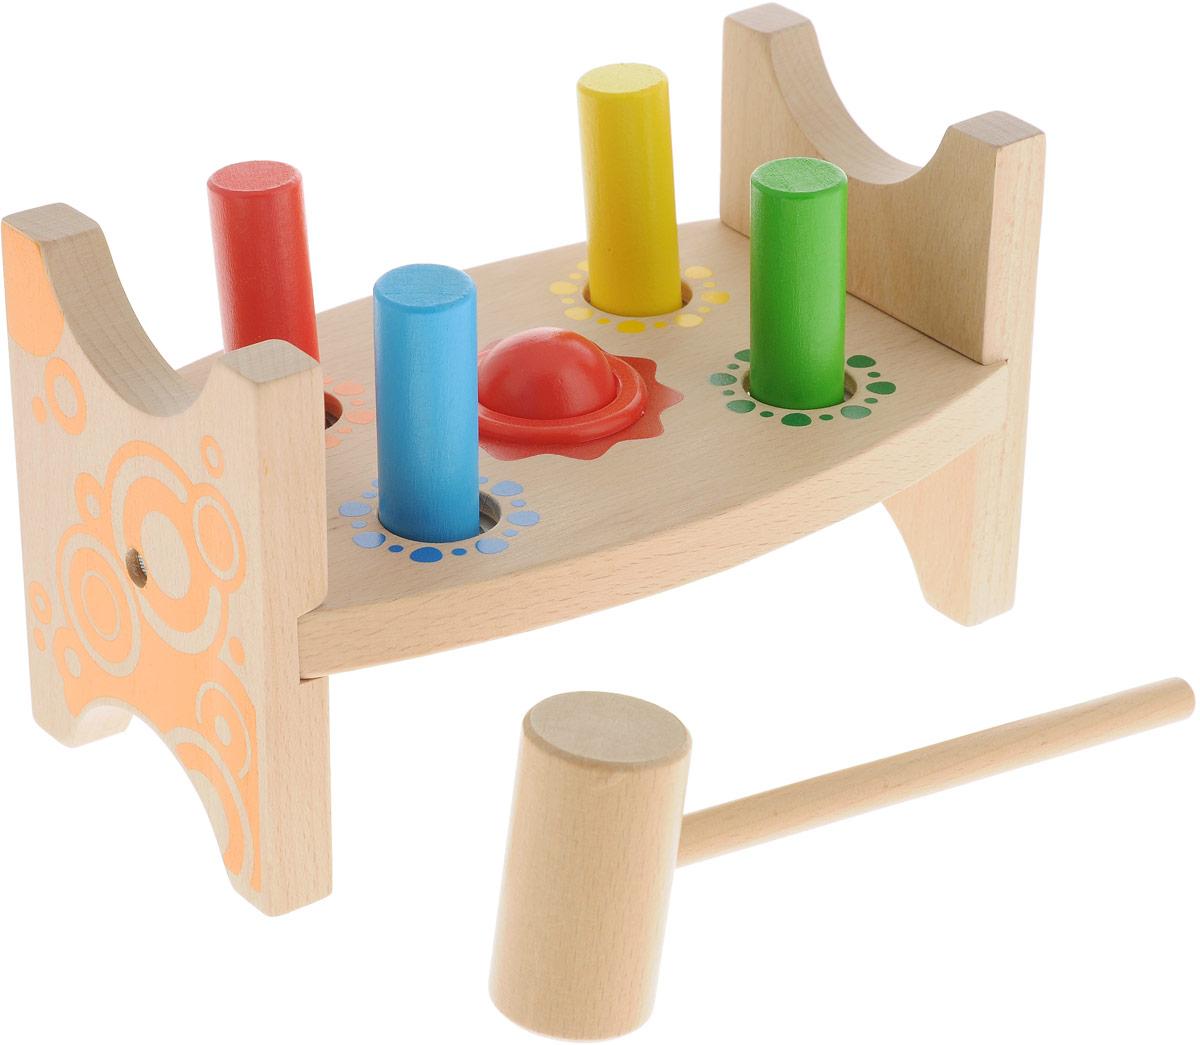 Мир деревянных игрушек Развивающая игрушка Стучалка Шарик и гвоздики игрушка